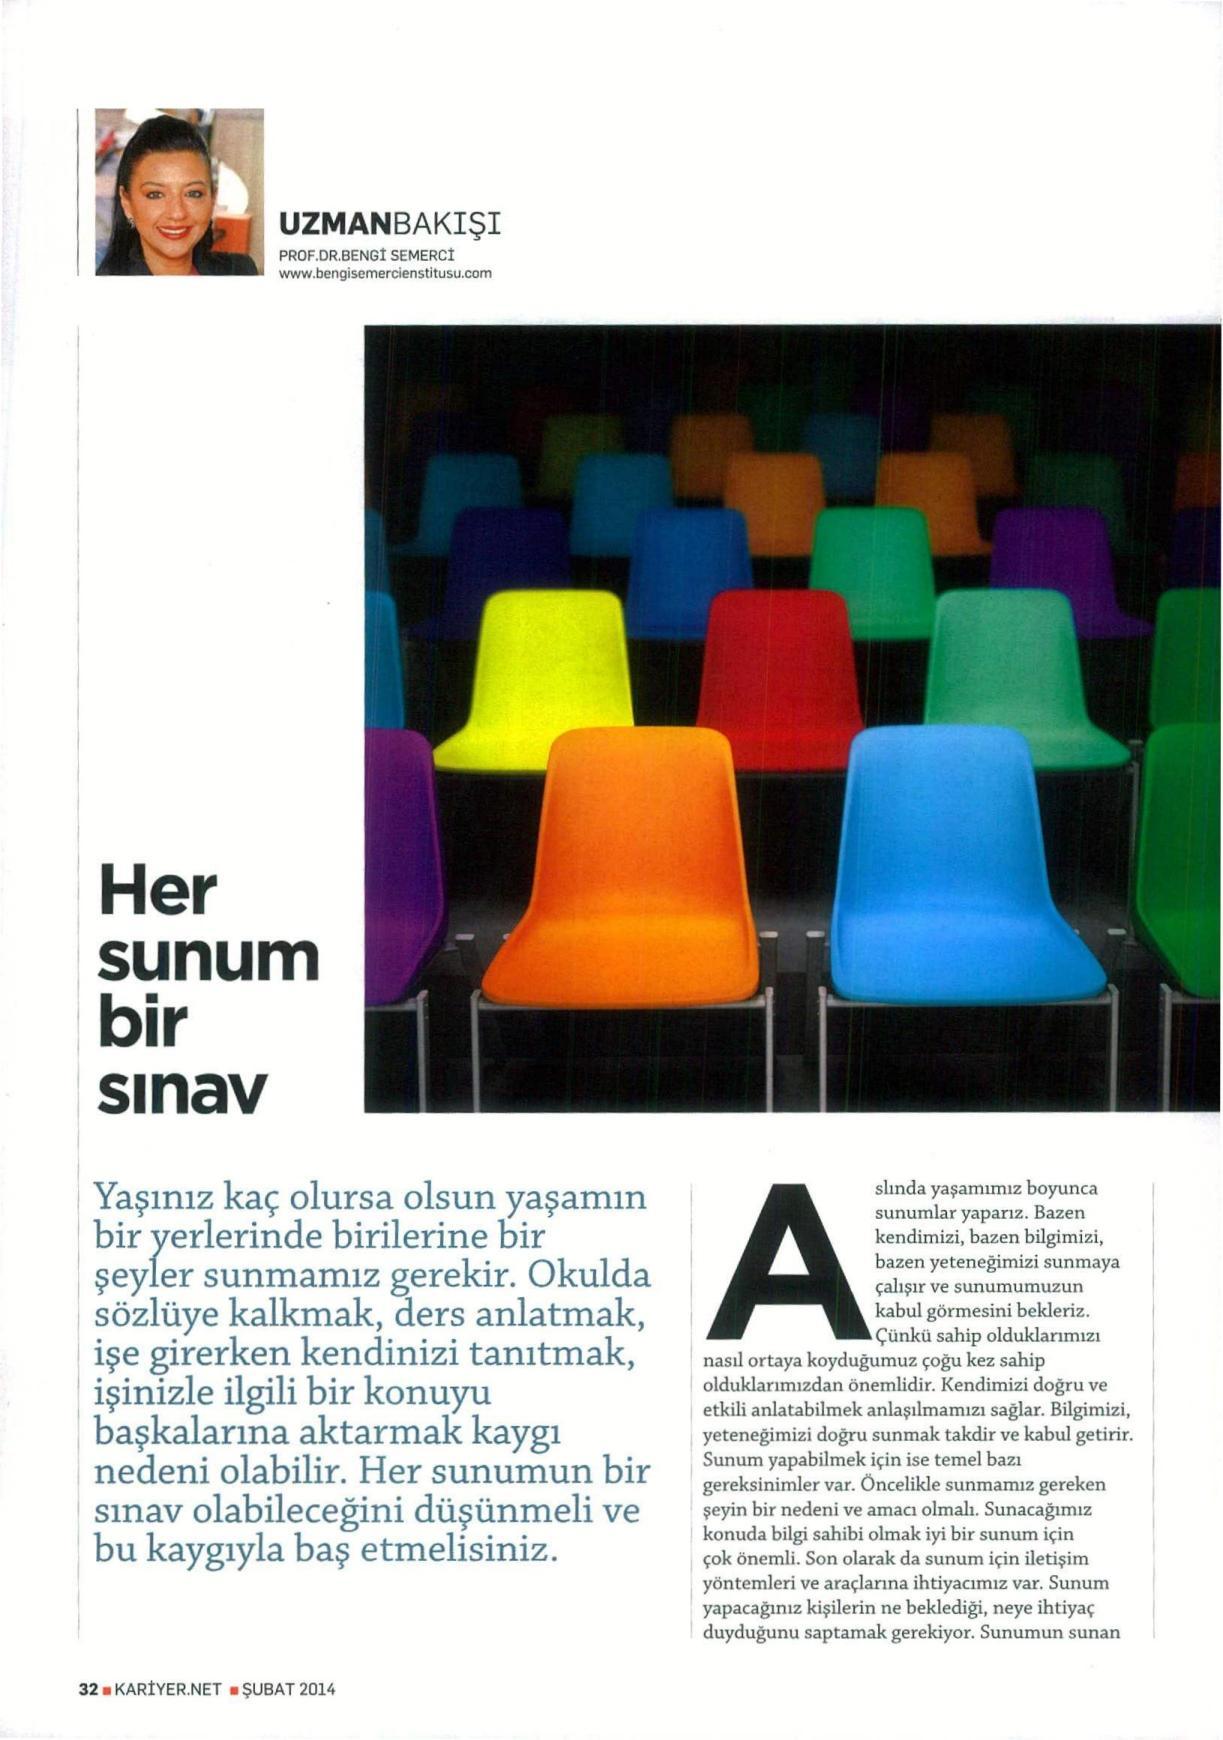 HER SUNUM BİR SINAV - KARİYER 01.02.2014